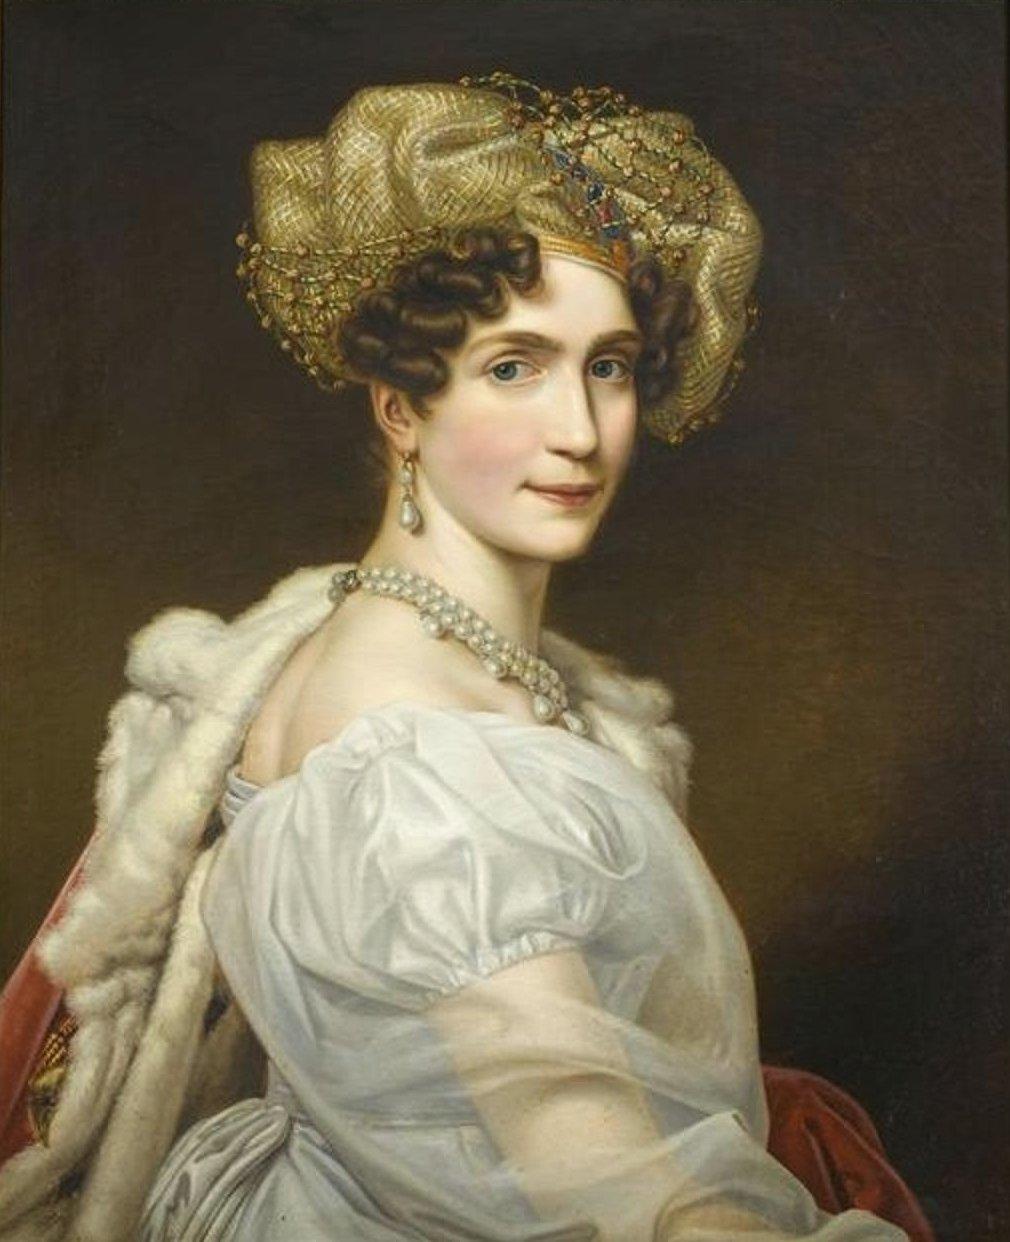 Augusta of Bavaria, Duchess of Leuchtenberg, painted by Joseph Karl Stieler ca. 1820